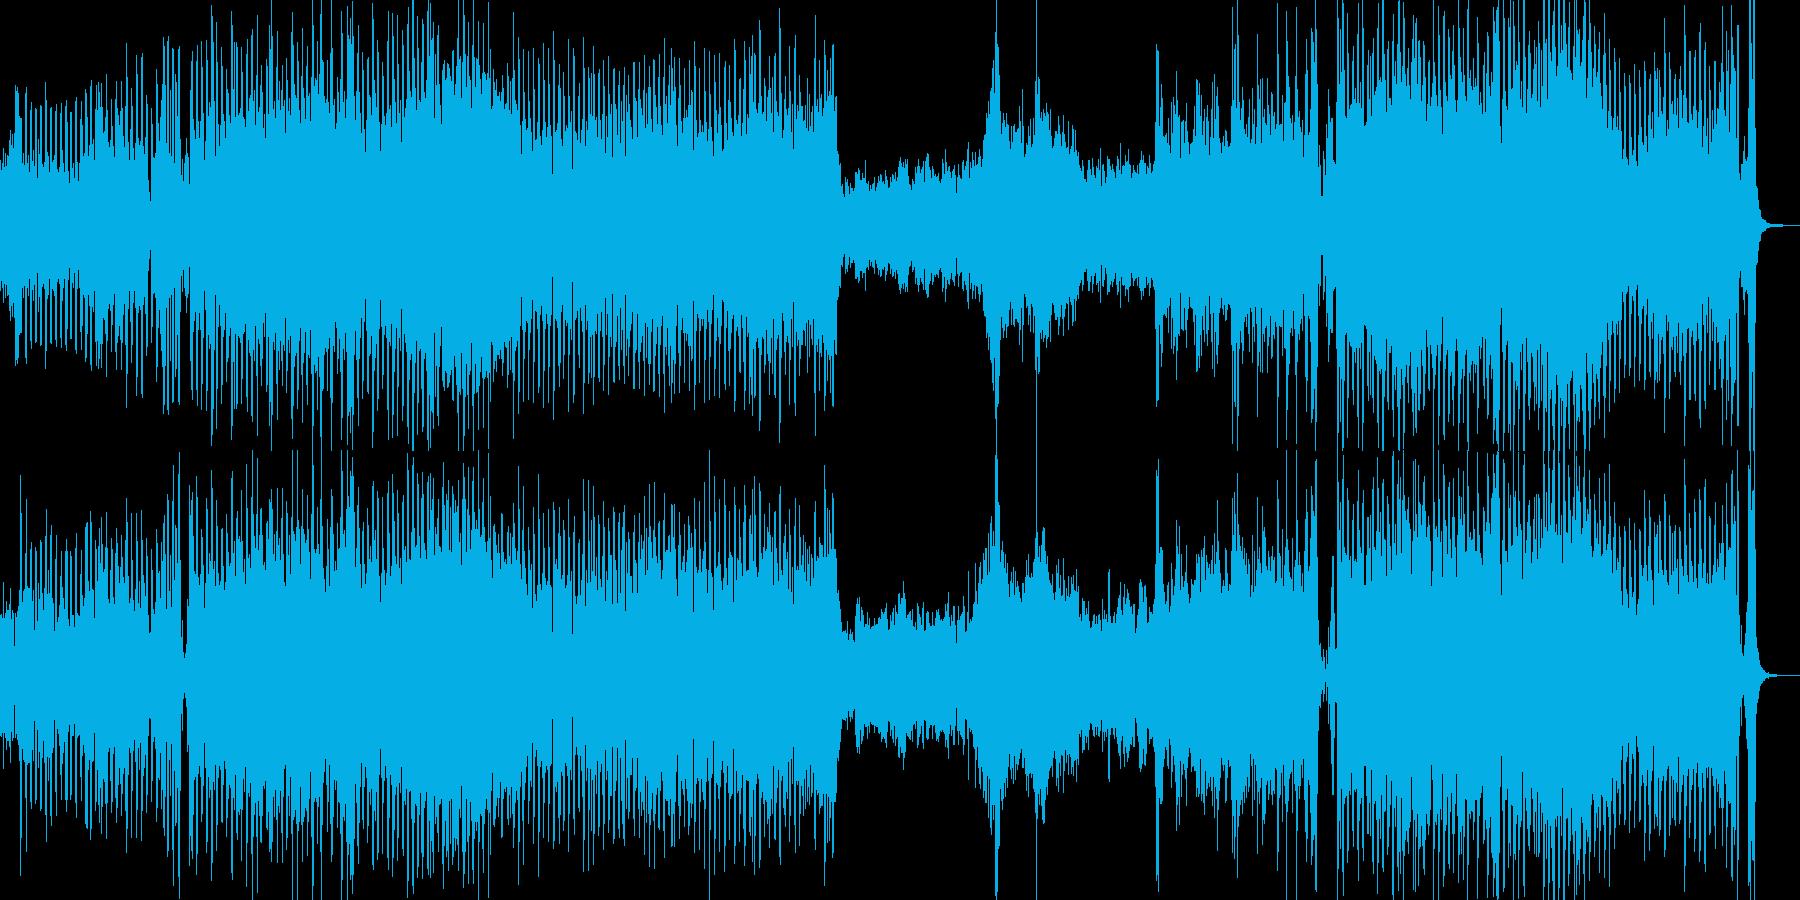 アジア民族音楽的旋律の勇壮なインスト音楽の再生済みの波形